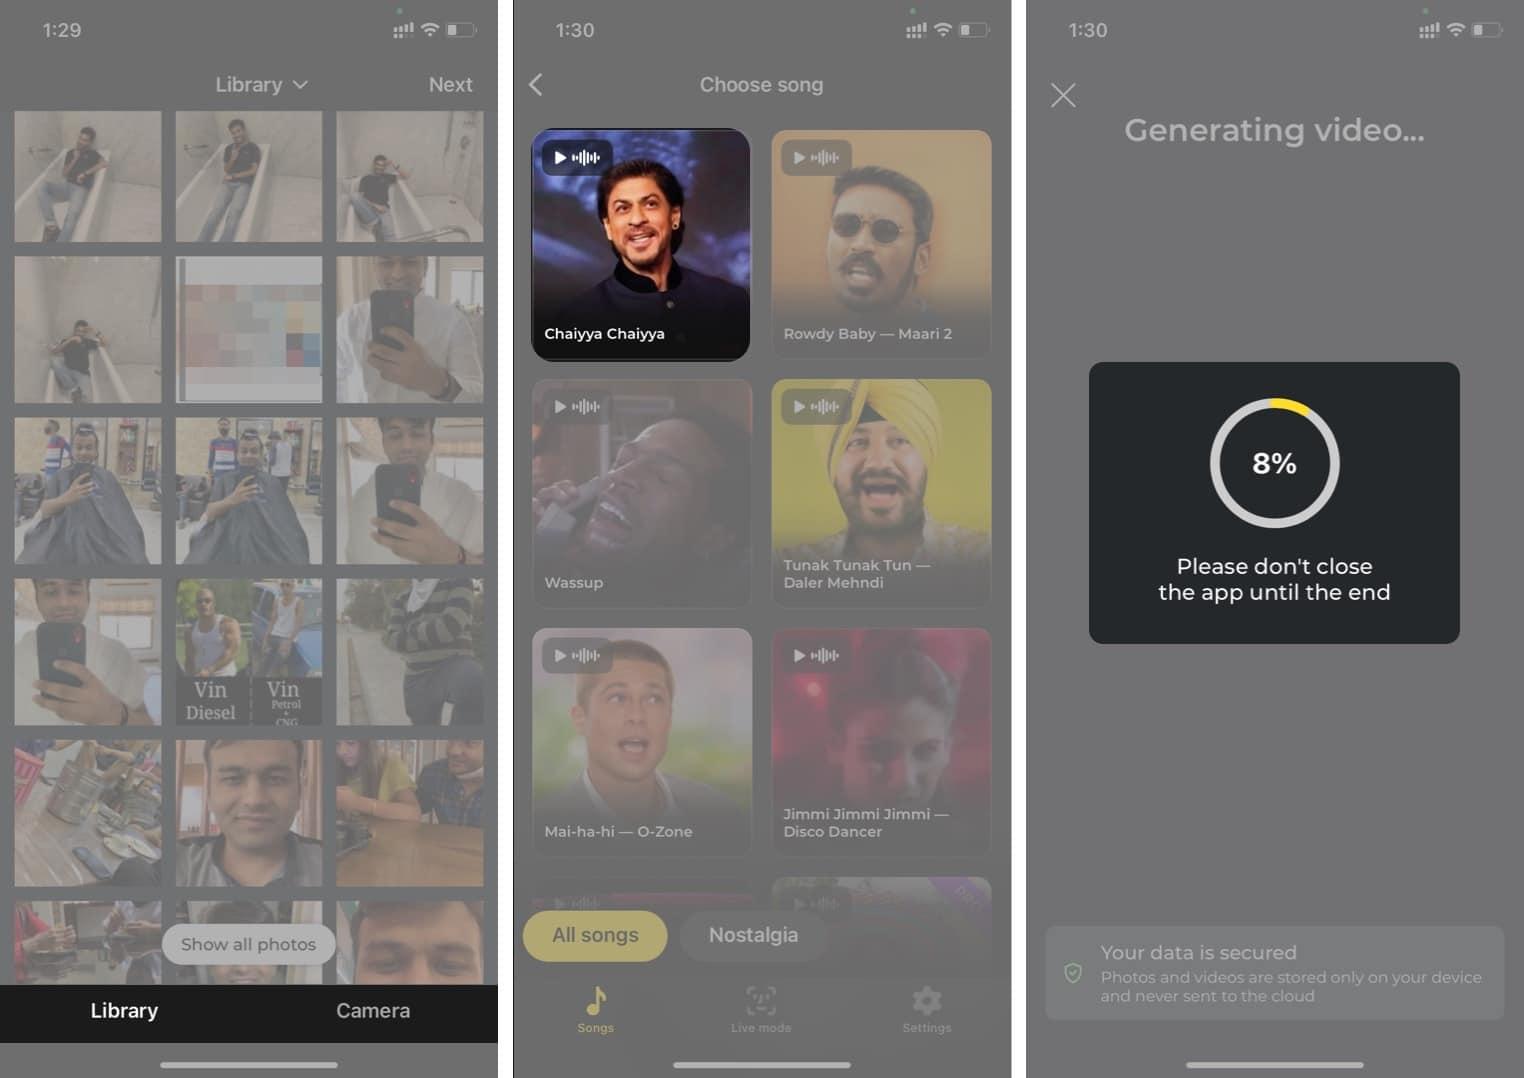 Wählen Sie ein Bild aus Librarfy und ein Lied aus der Avatarify iPhone App